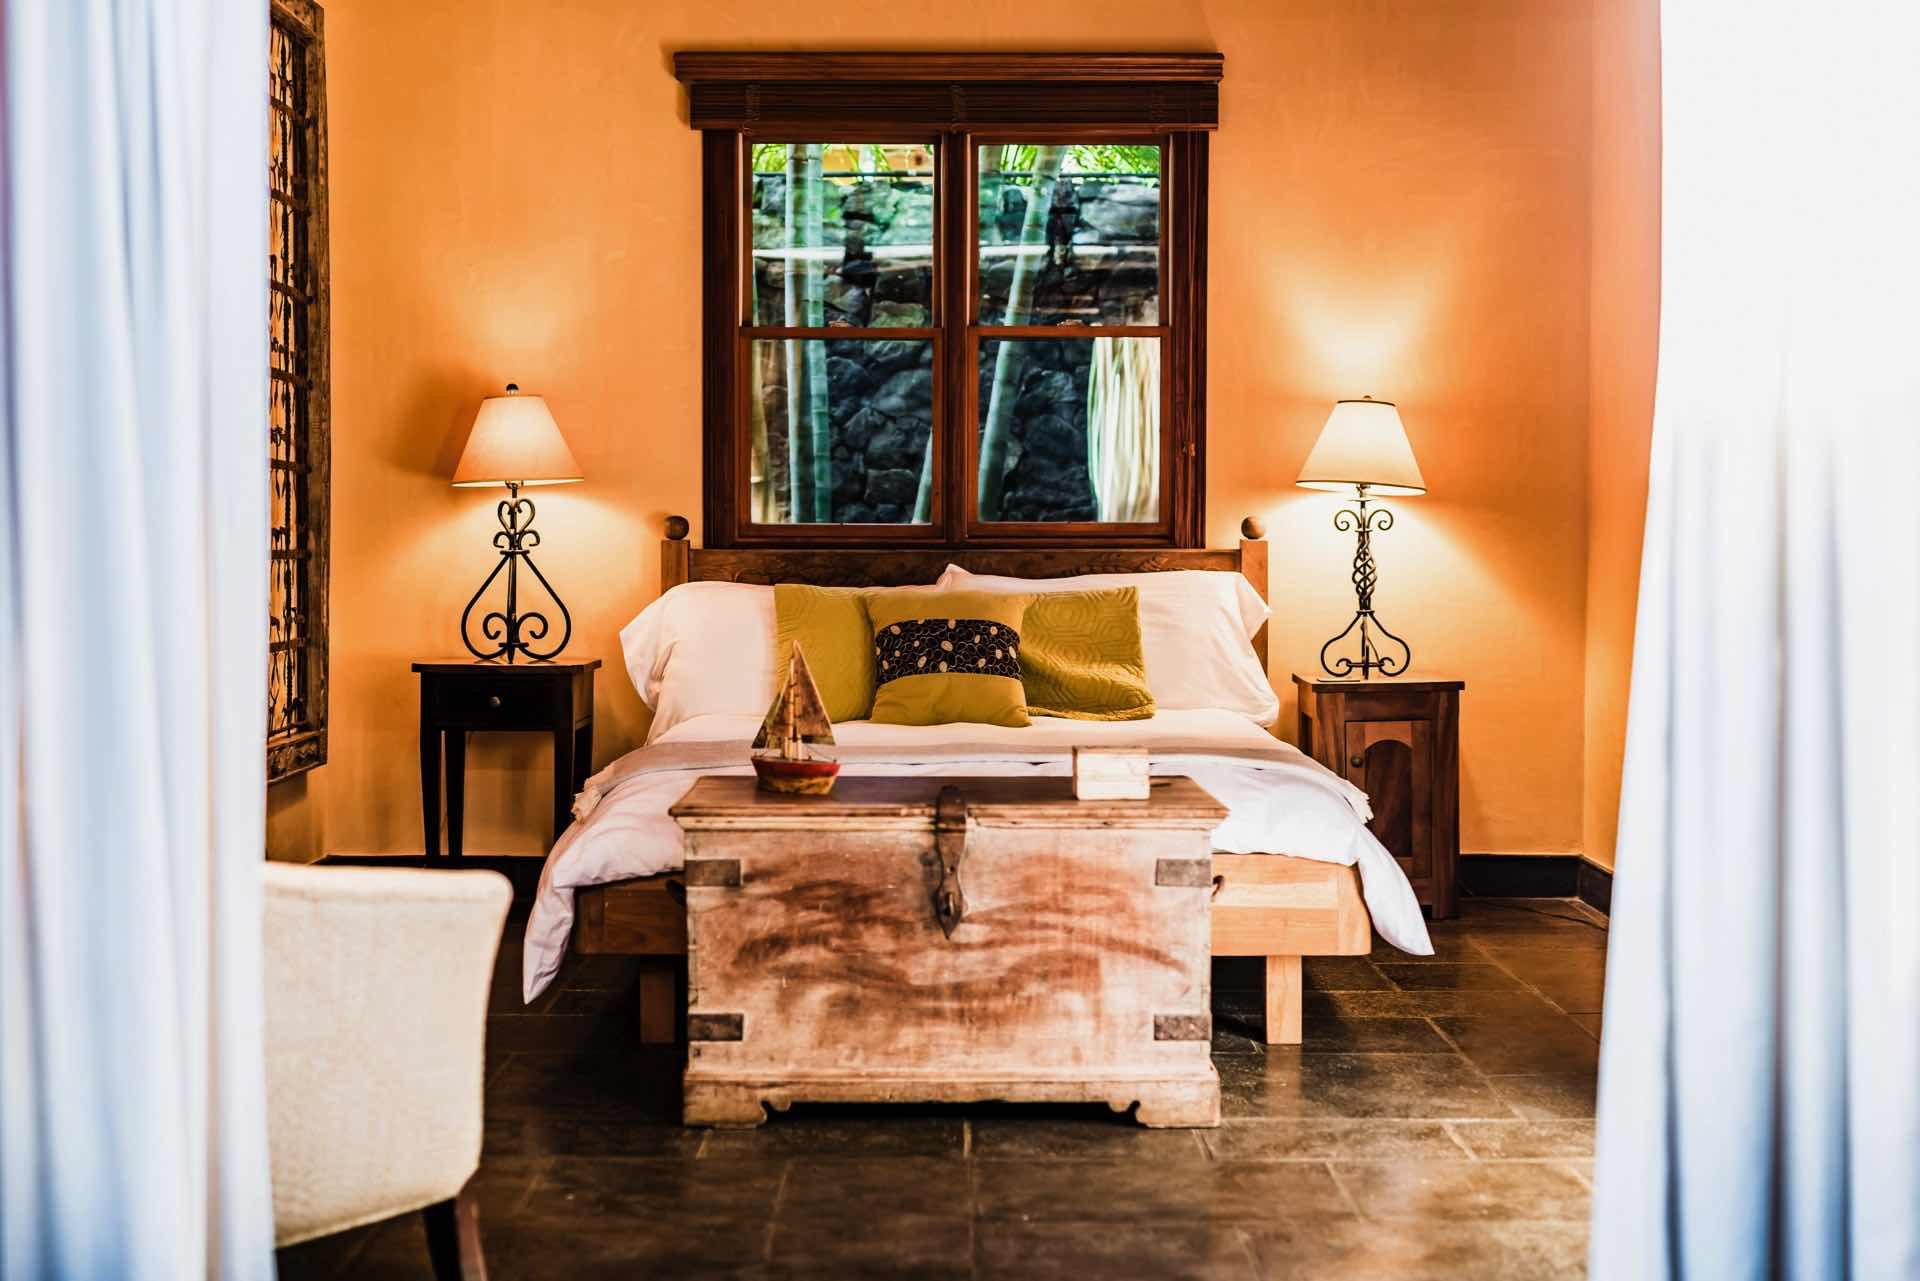 Luxury in the tropics